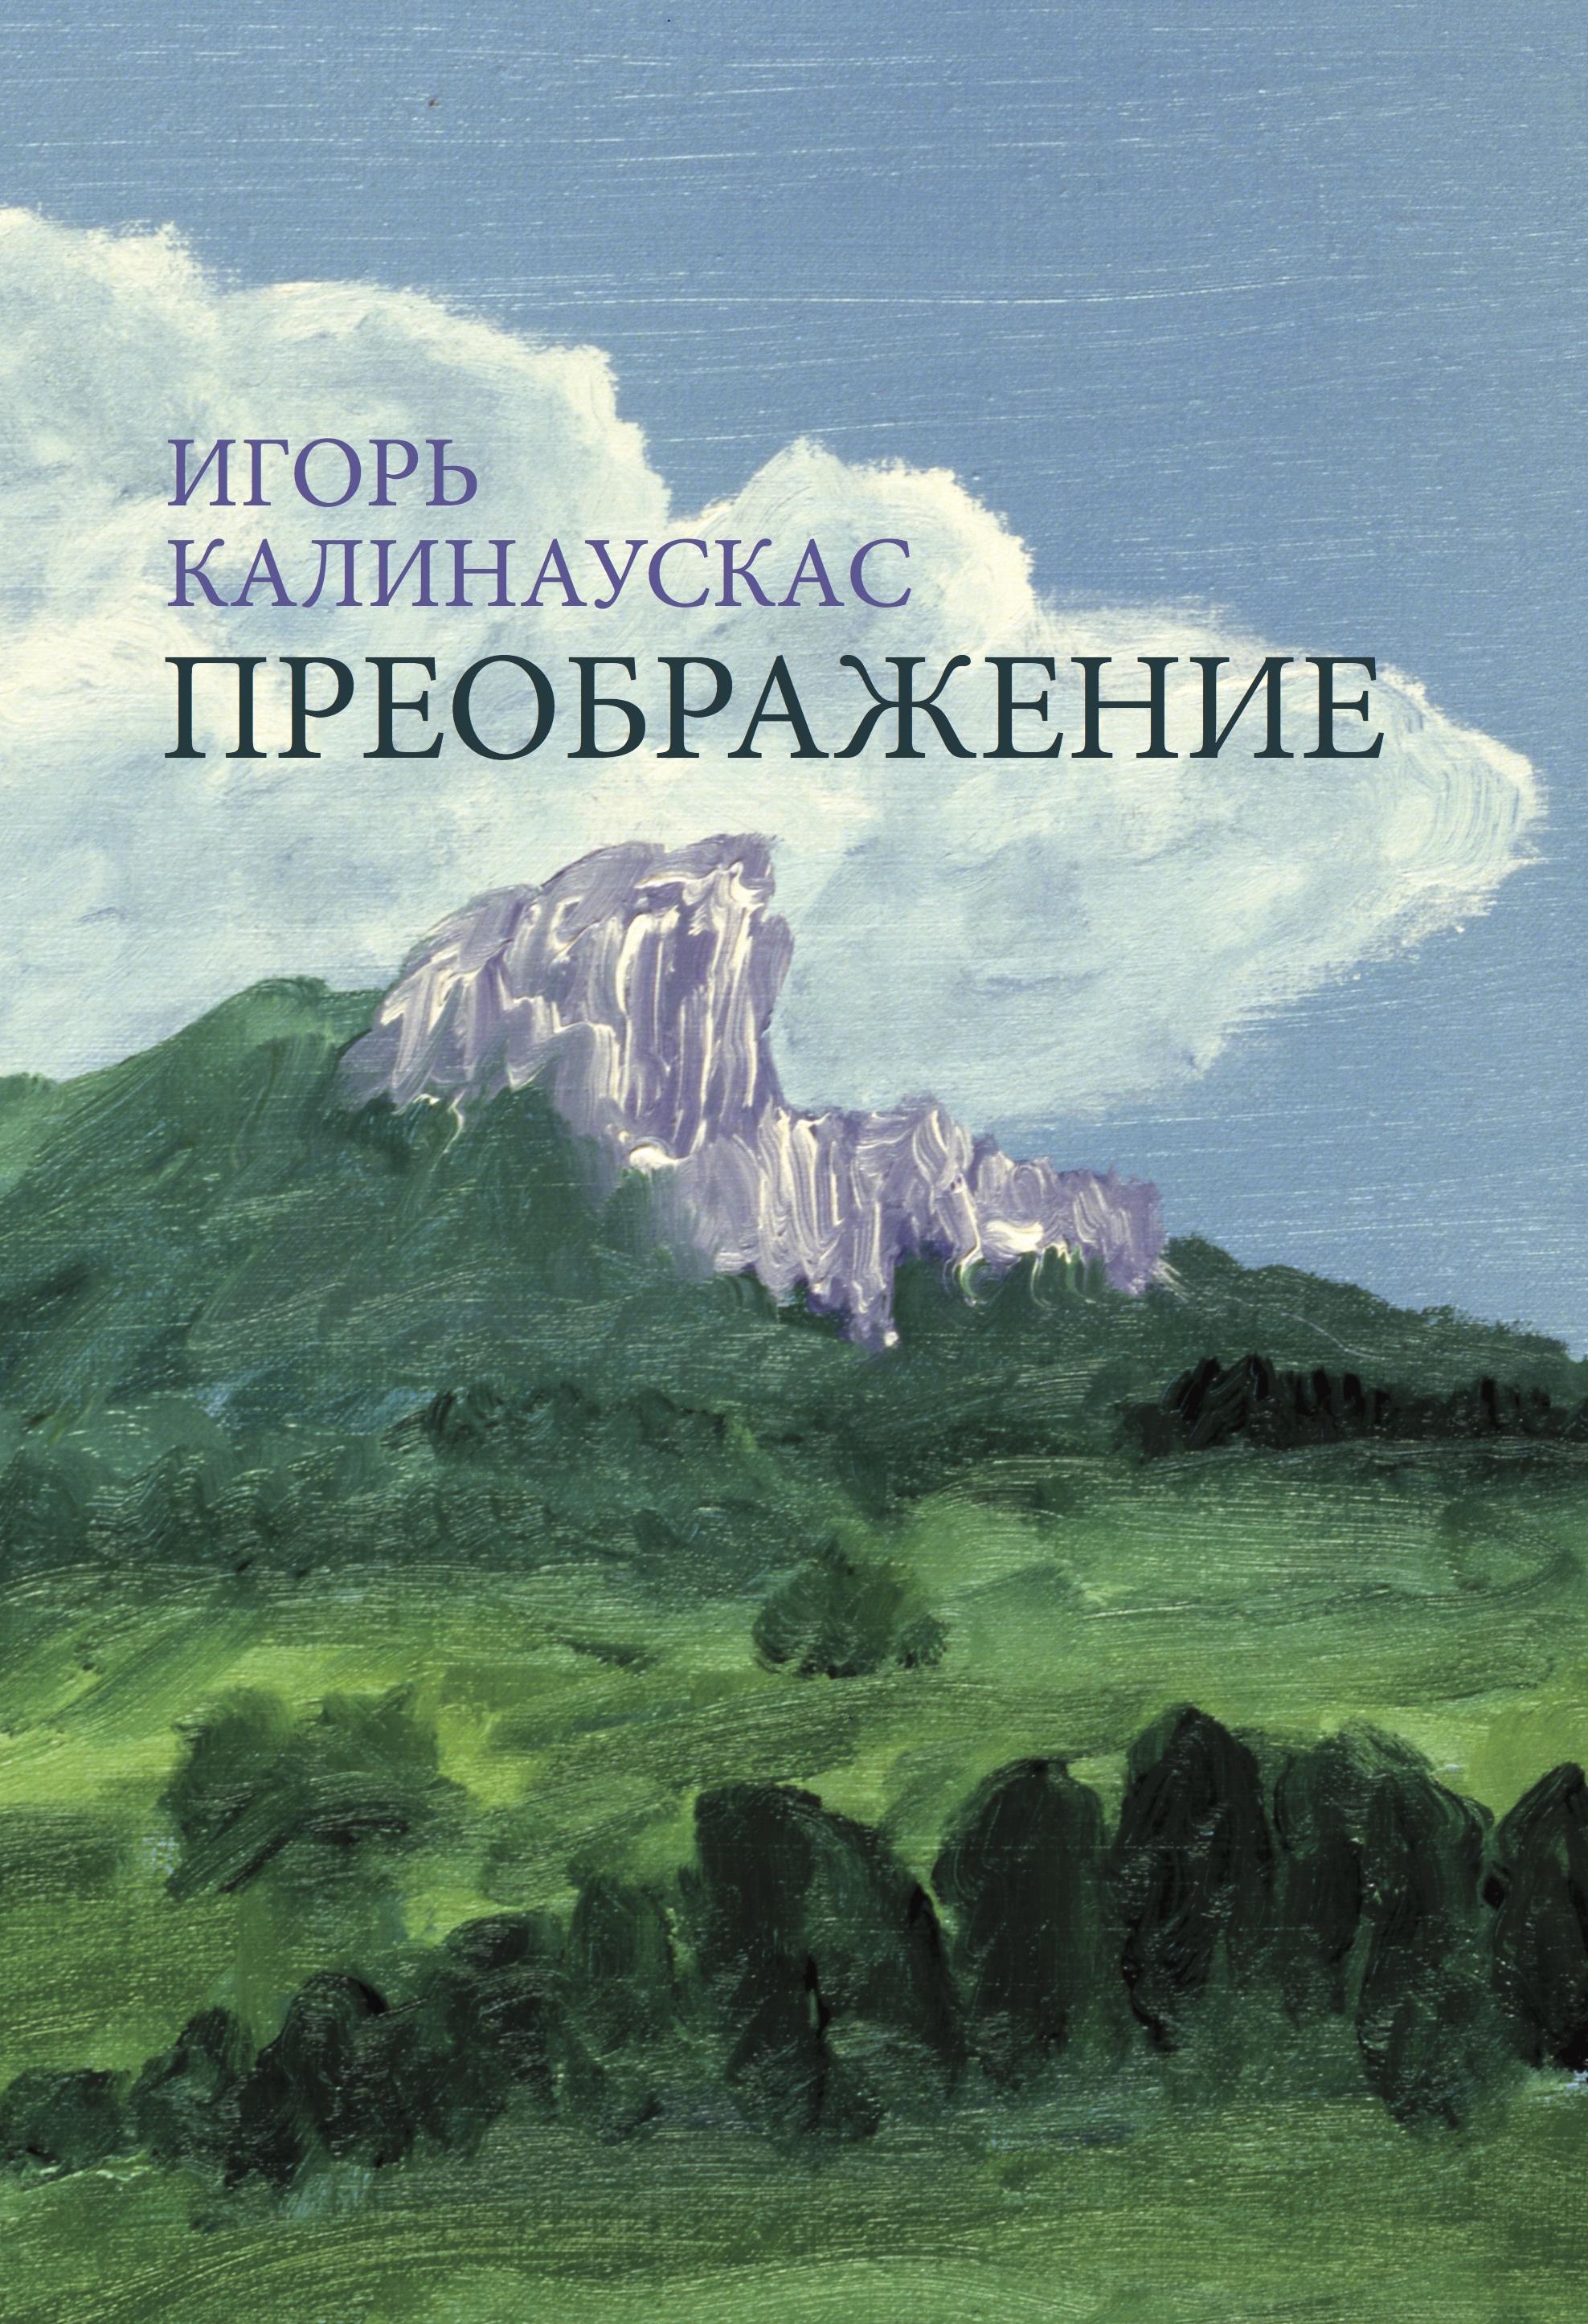 """Книга Игоря Калинаускаса """"Преображение. Путевые заметки"""" 12+ 00003"""